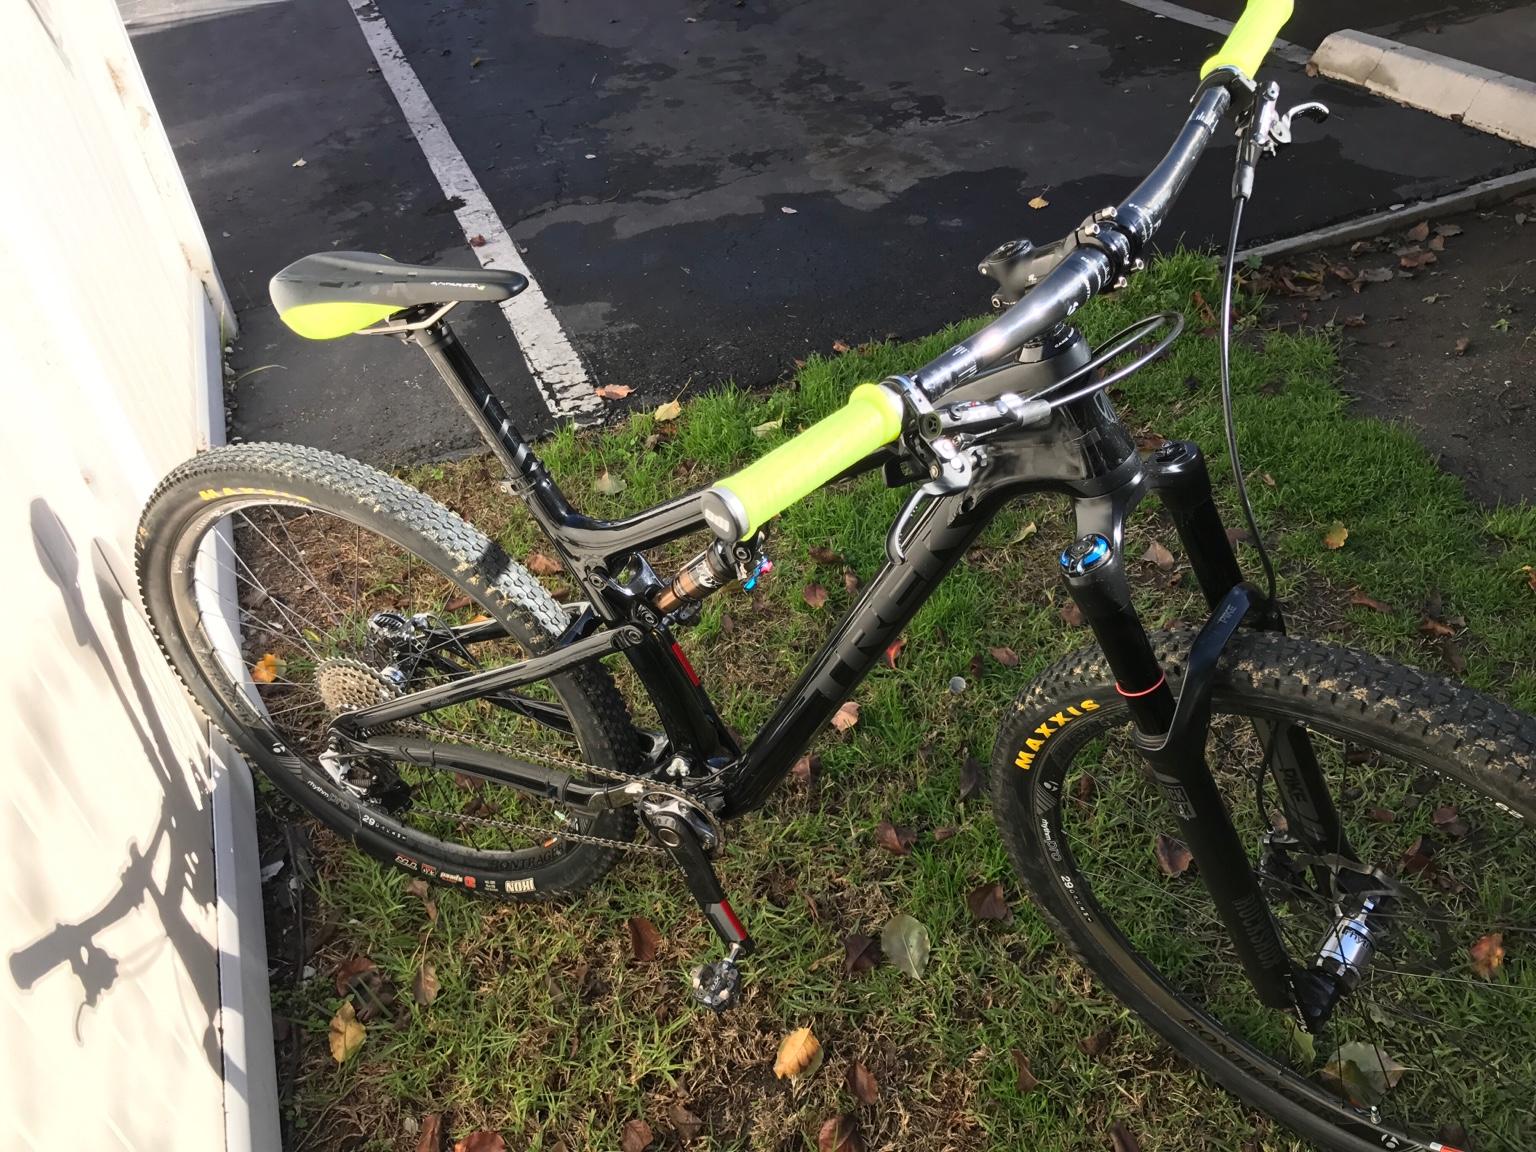 Bicicletas] - Foro General | Página 153 | Laneros.com